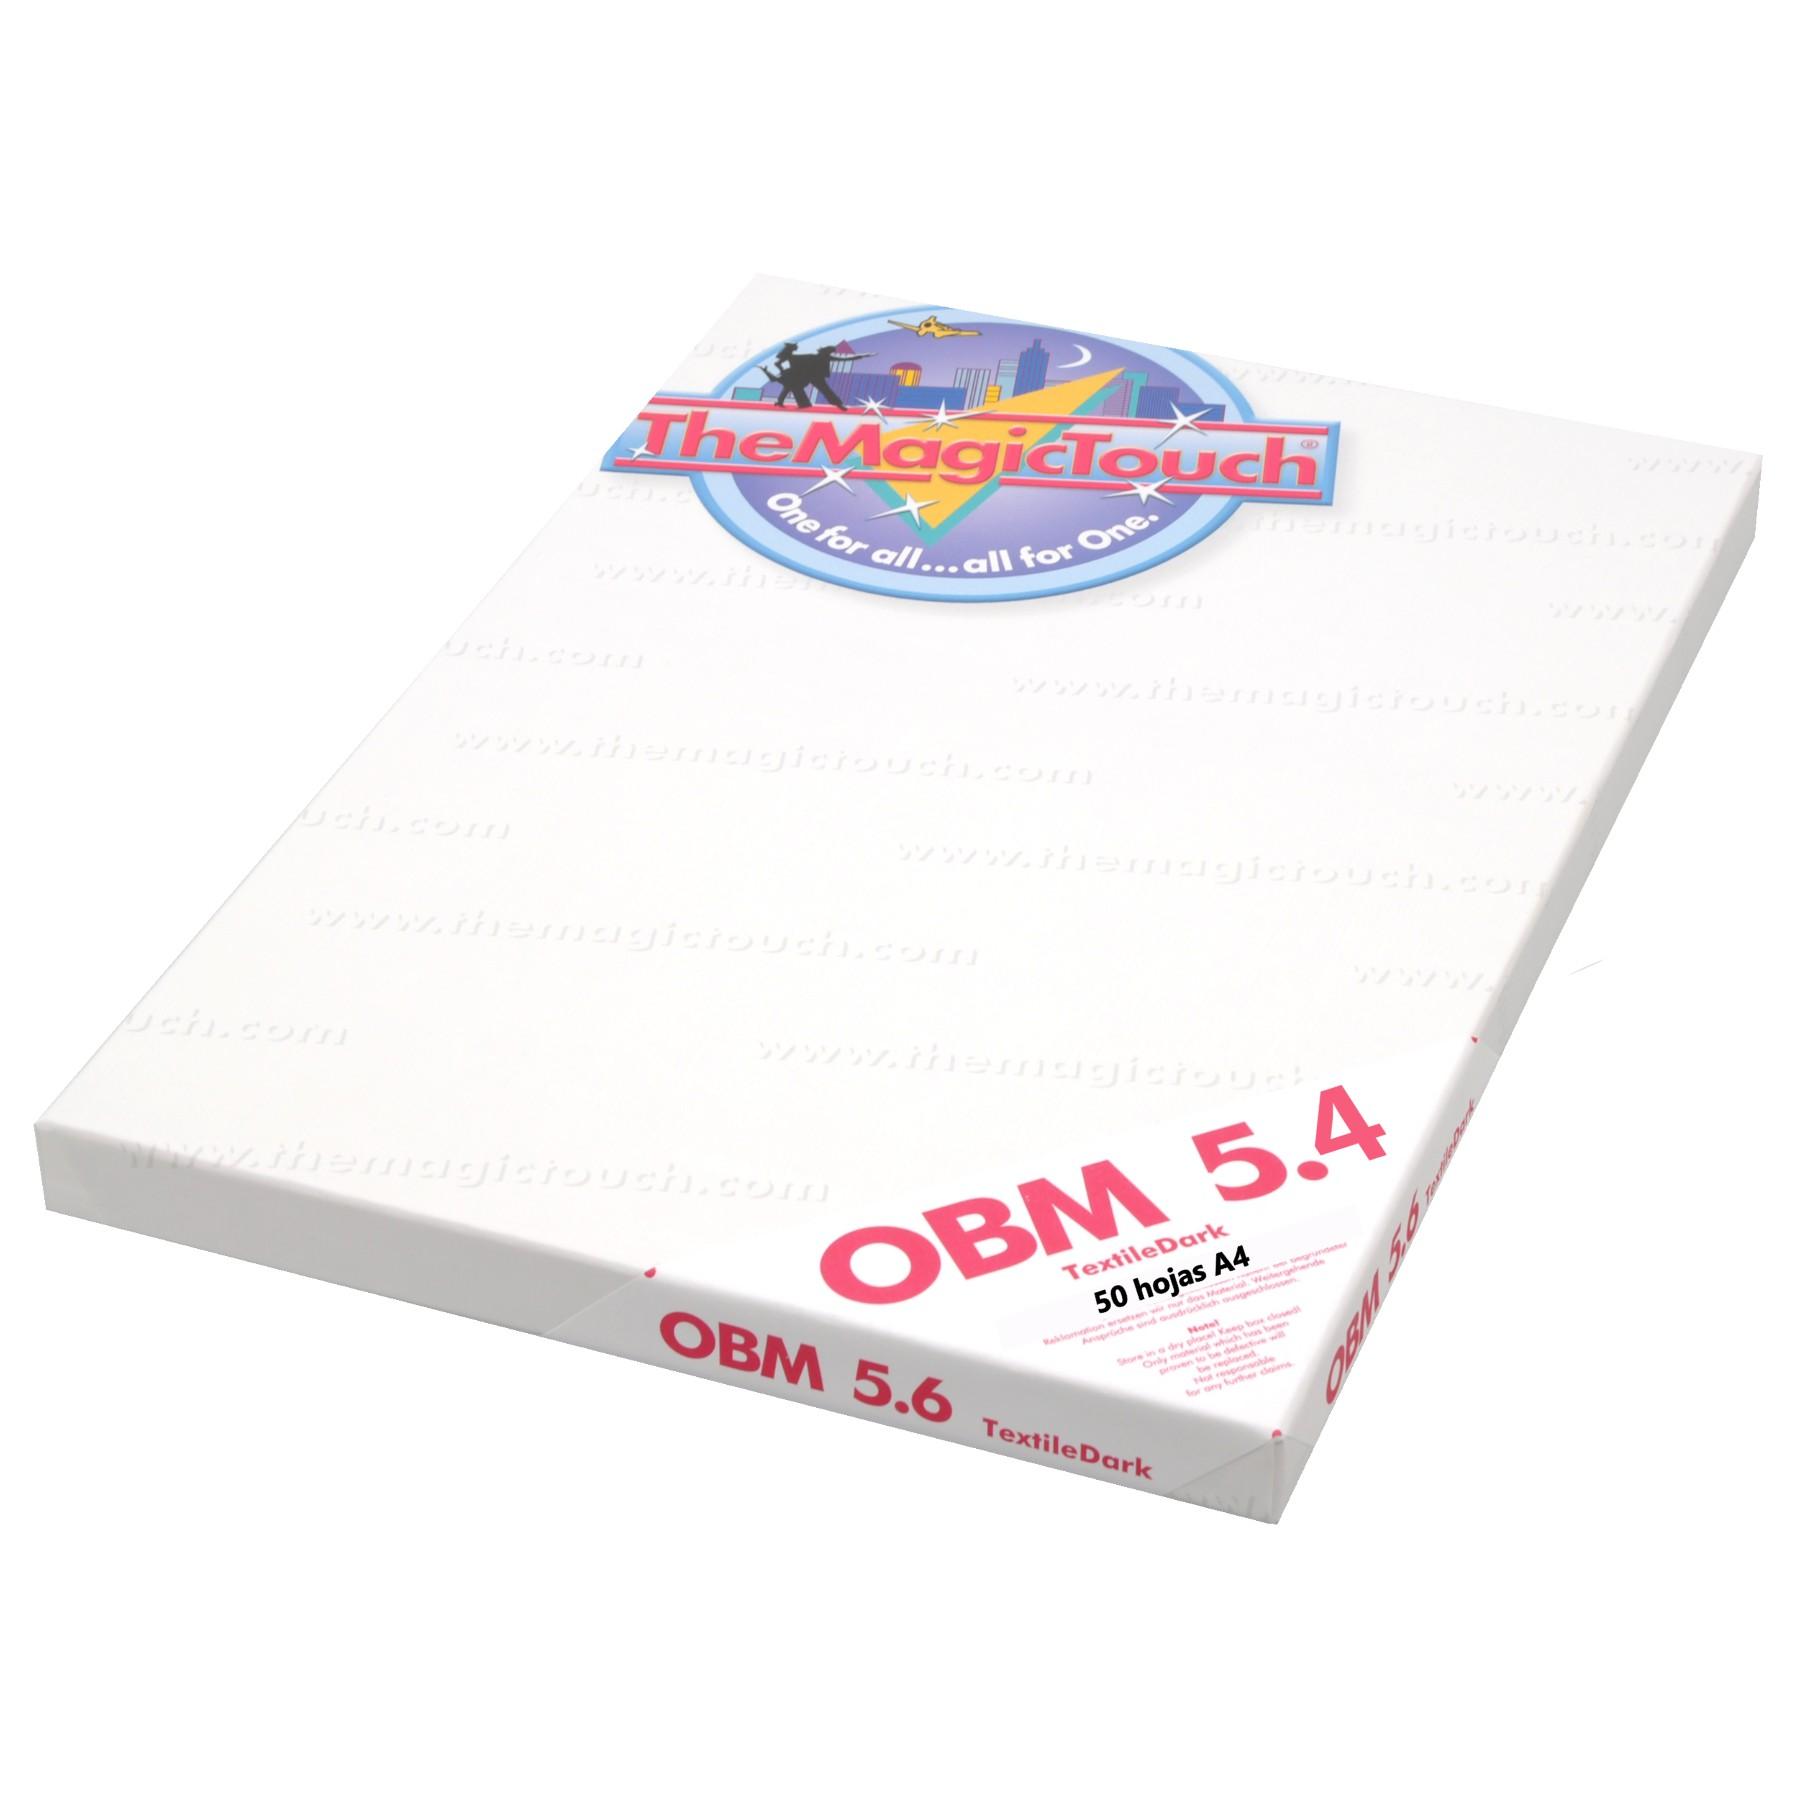 Papel transfer para telas oscuras OBM 5.4, caja de 50 hojas A4